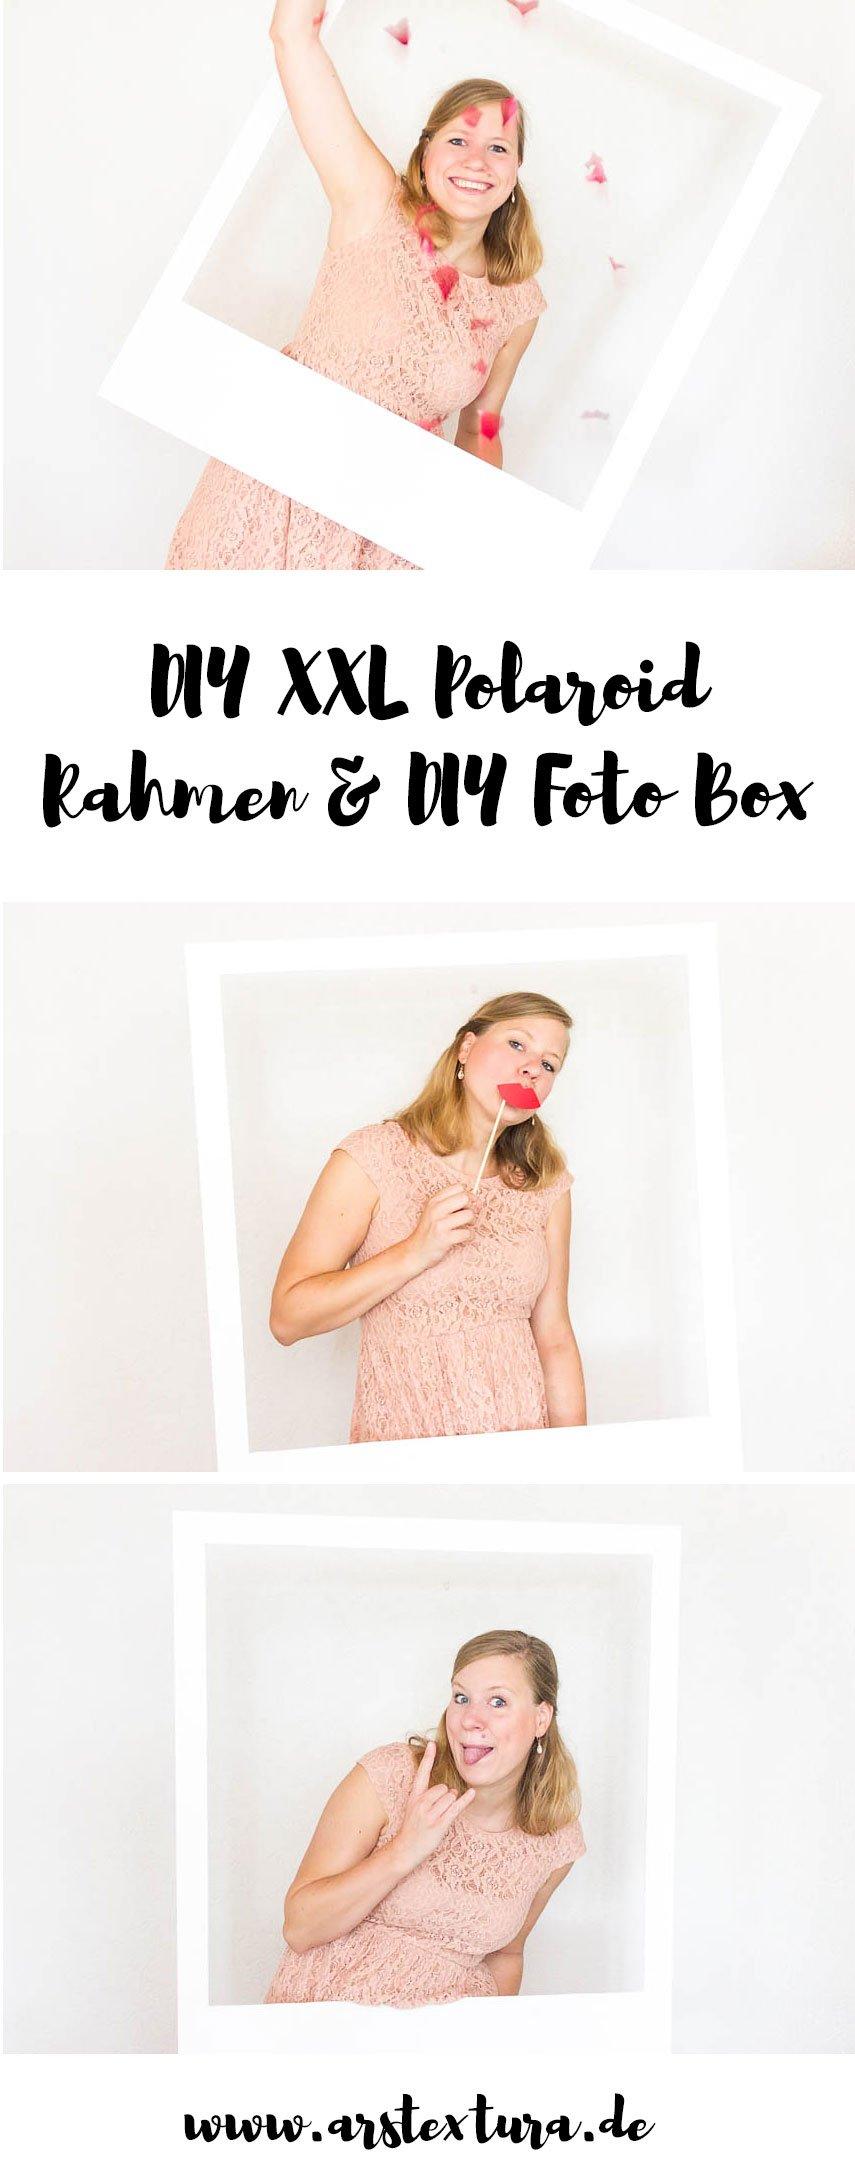 DIY Fotobox - XXL Polaroidrahmen für deine Hochzeit | DIY Ideen Hochzeit | DIY Holz | Fotobooth selber machen